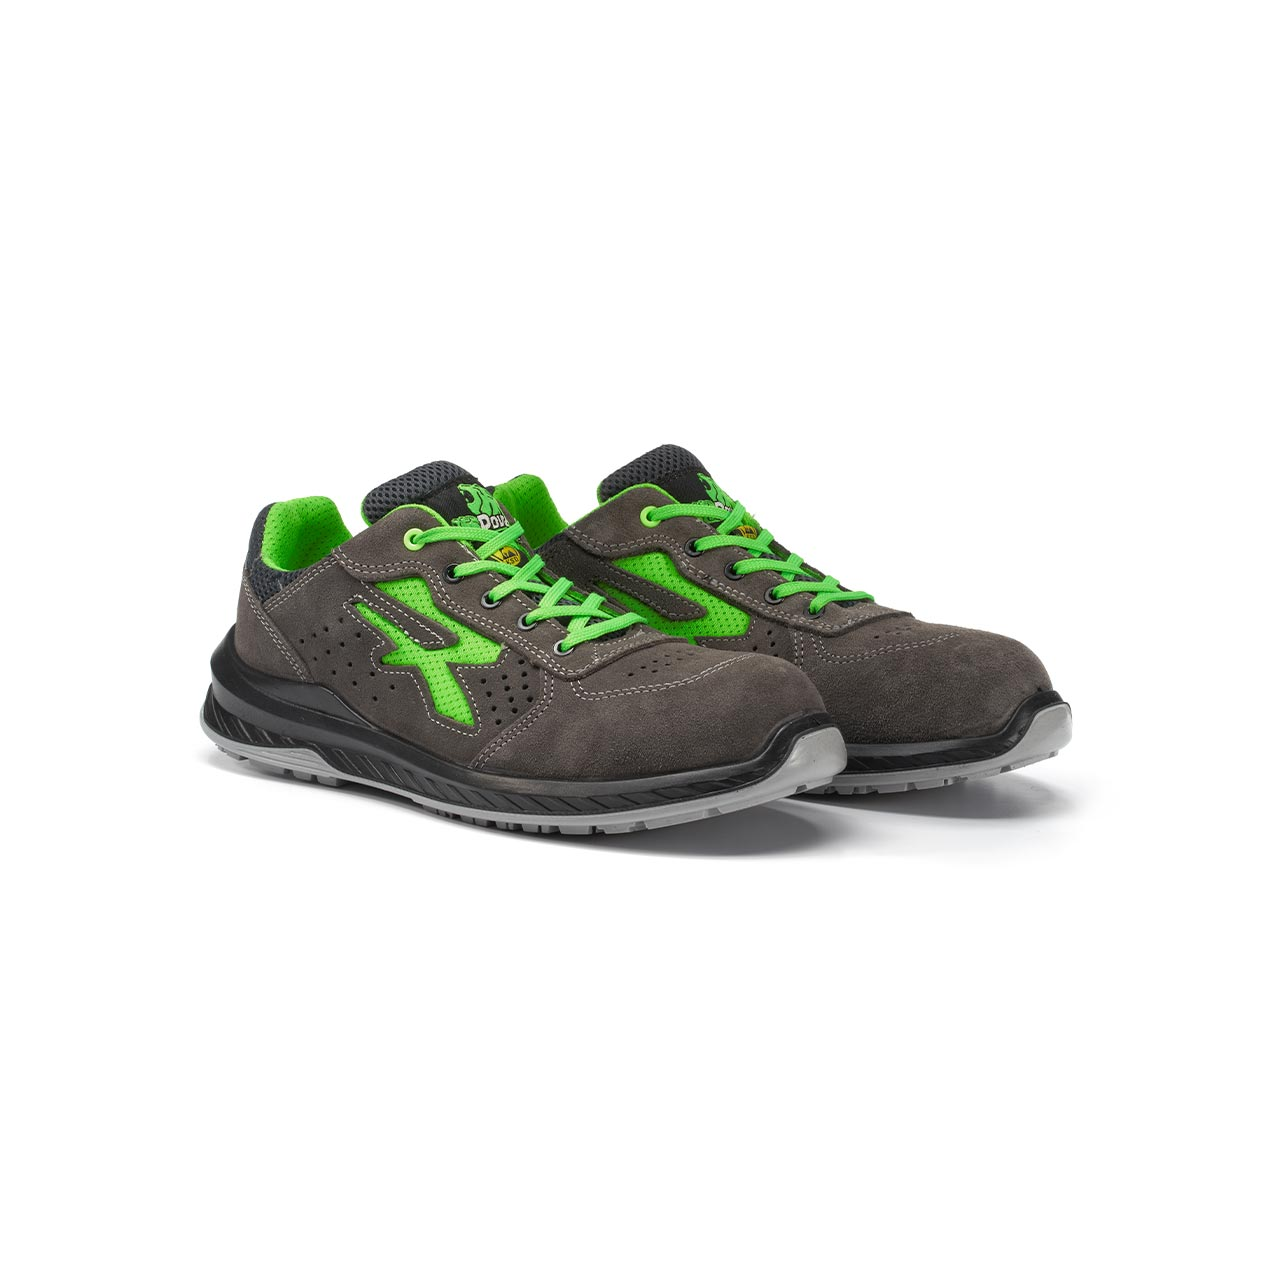 paio di scarpe antinfortunistiche upower modello denver linea redindustry vista prospettica.JPG